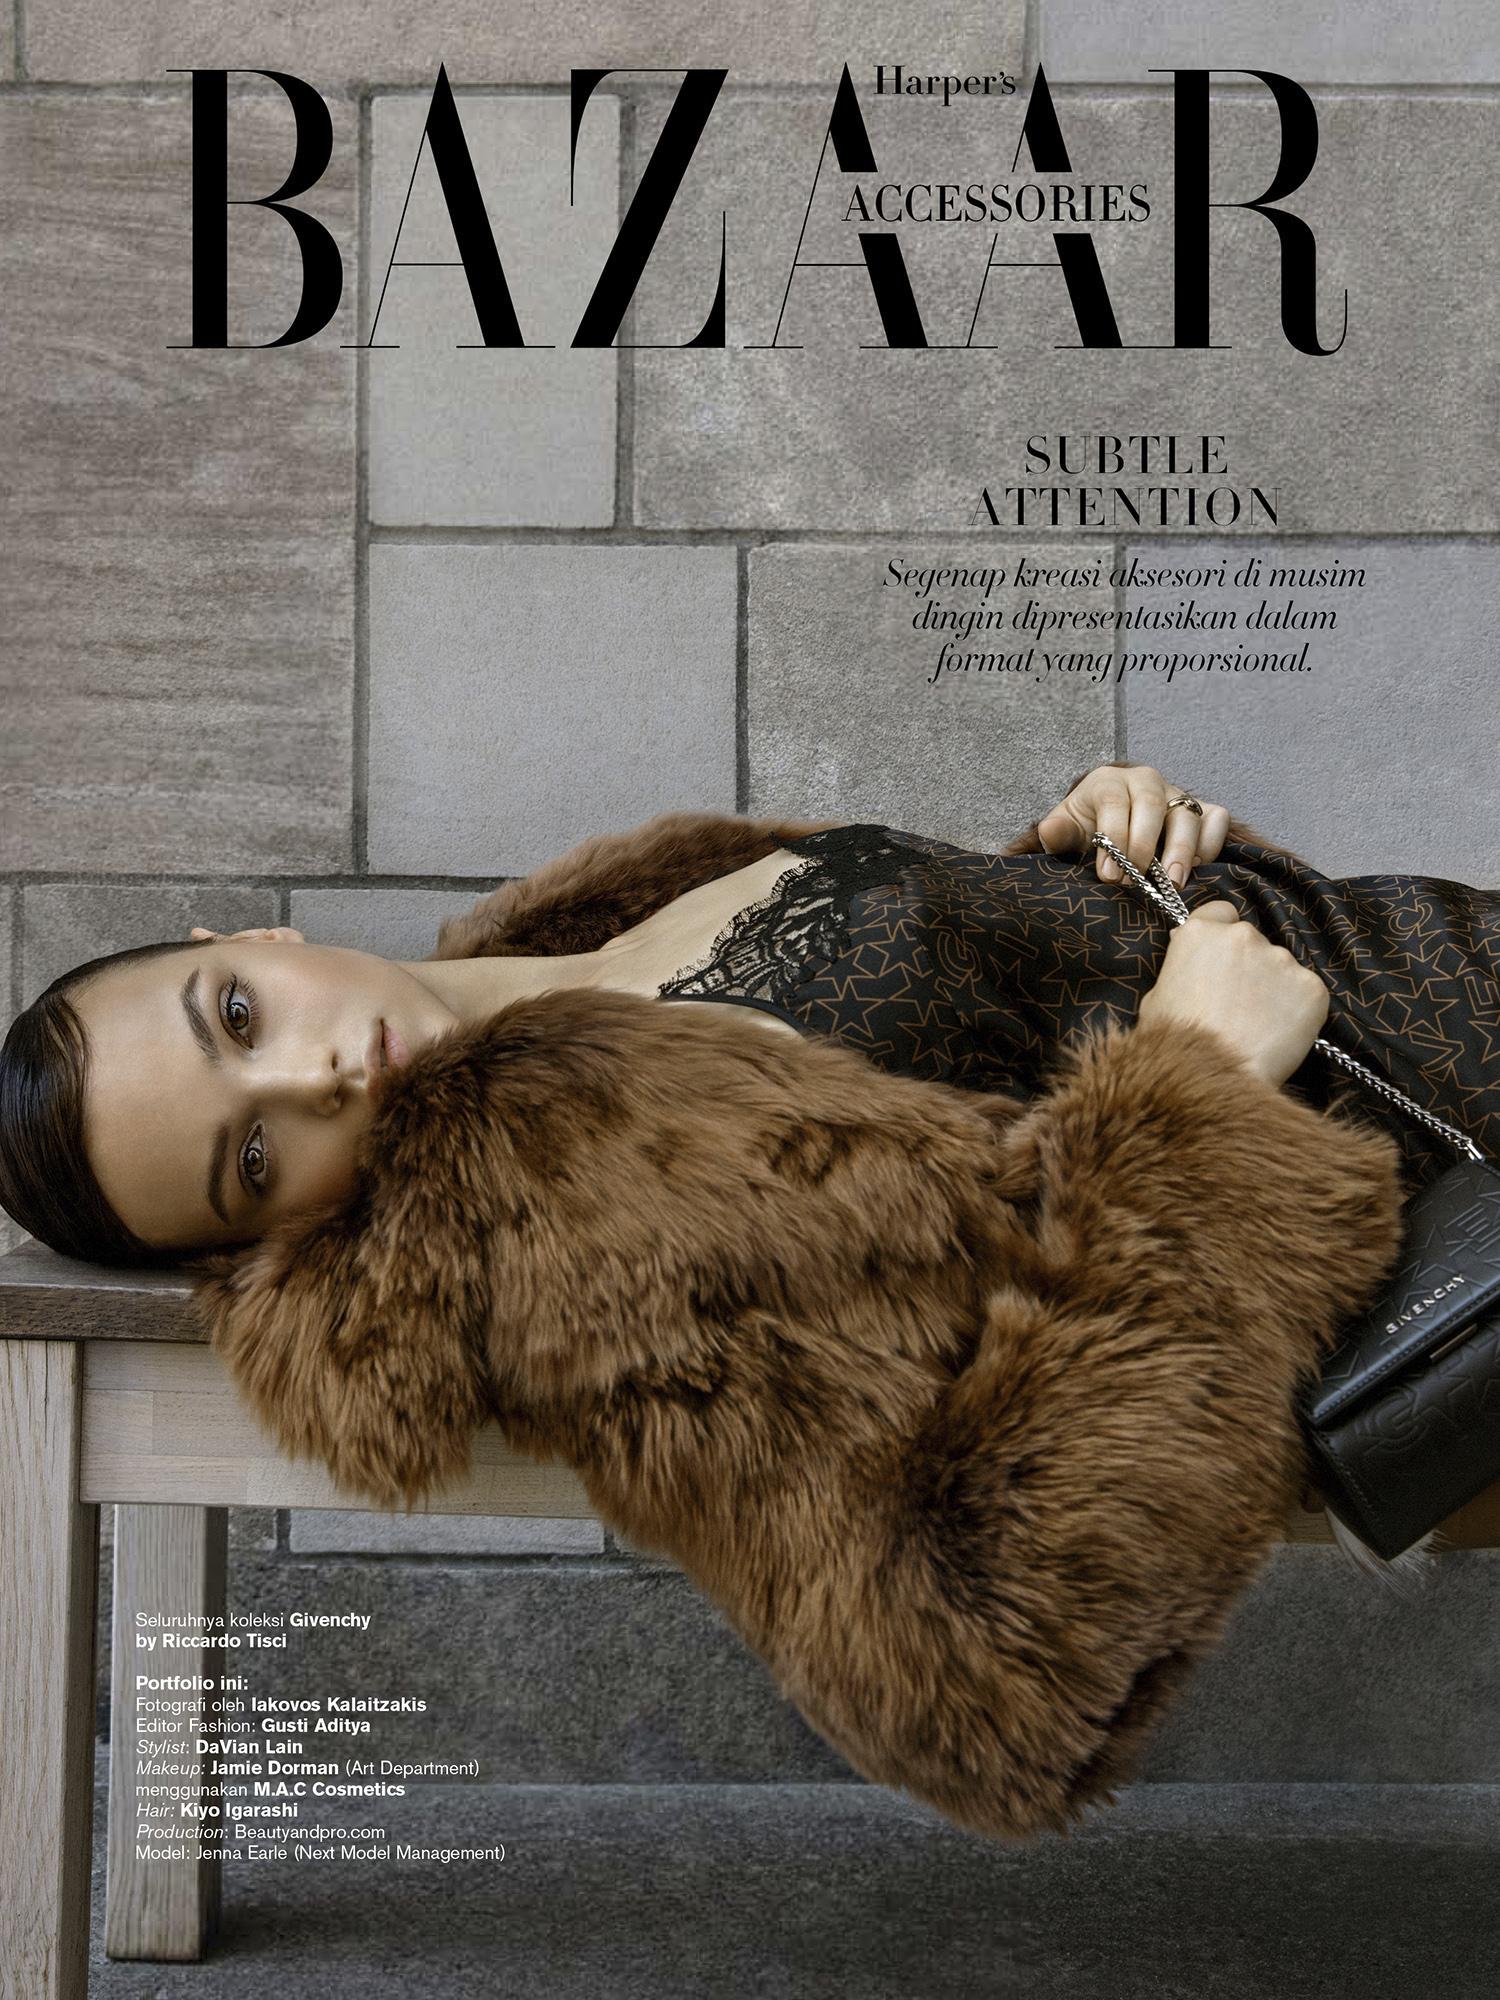 Harper's Bazaar Acc NYC (4a)